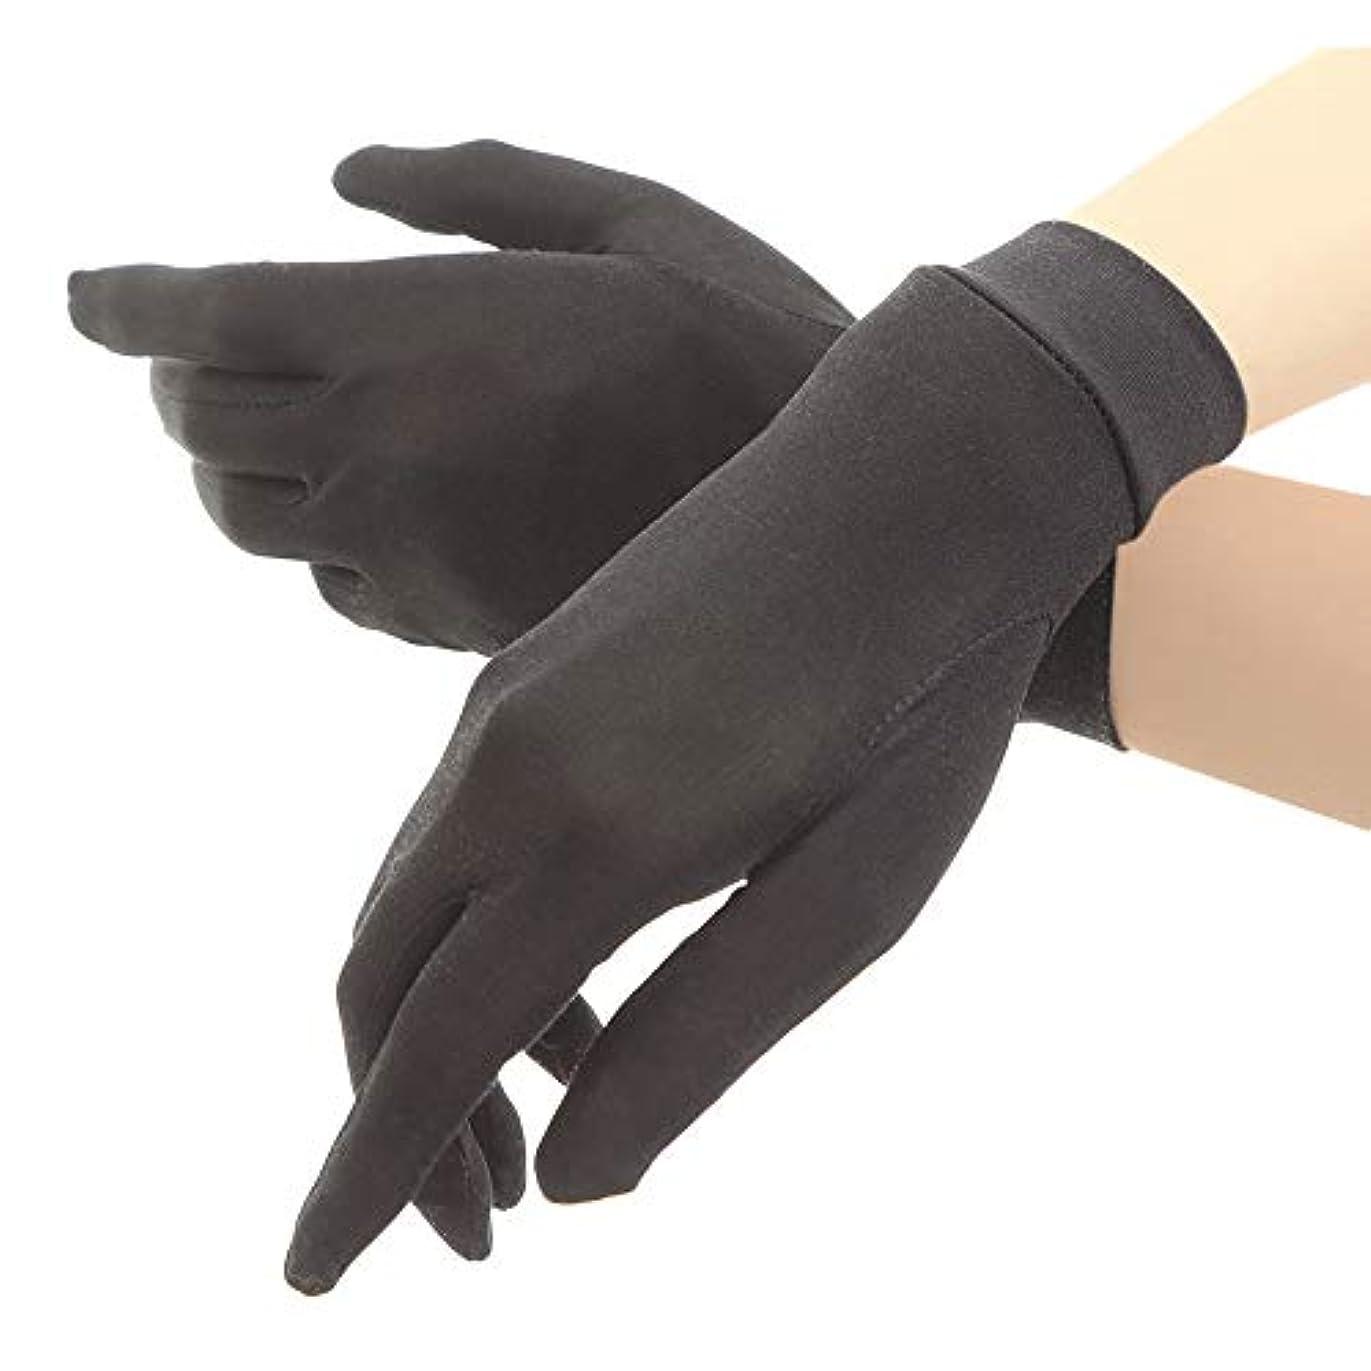 ポスト印象派解読する降伏シルク手袋 レディース 手袋 シルク 絹 ハンド ケア 保湿 紫外線 肌荒れ 乾燥 サイズアップで手指にマッチ 【macch】